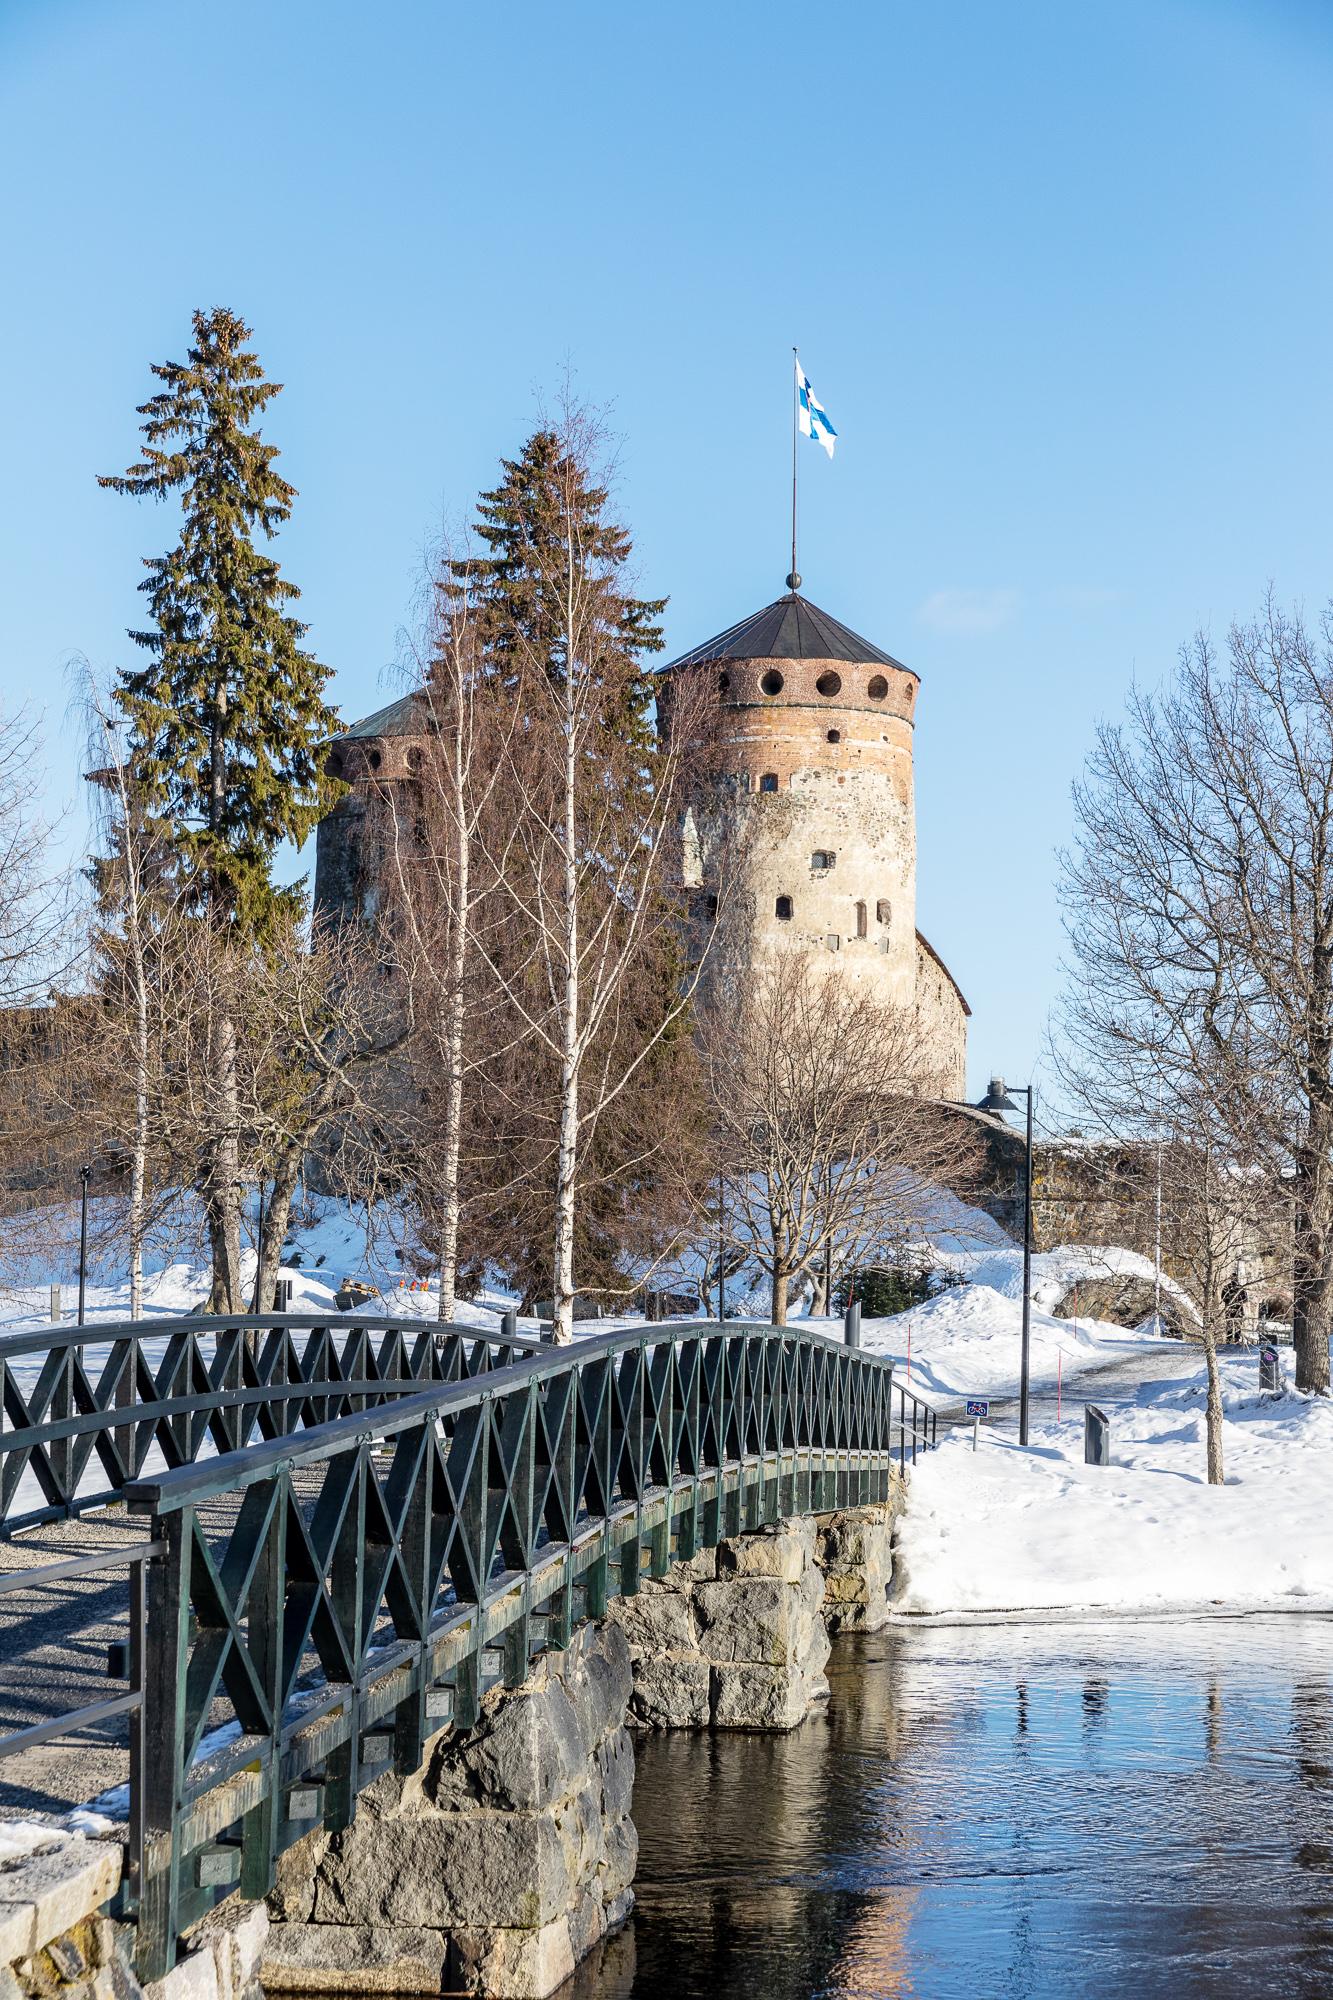 Savonlinna, visitsavonlinna, visitsaimaa, Saimaa, valokuvaus, valokuvaaja, Frida Steiner, photographer, visualaddict, visualaddictfrida, kotimaa, matkailu, matkustus, Suomi, Finland, visitfinland, Olavinlinna